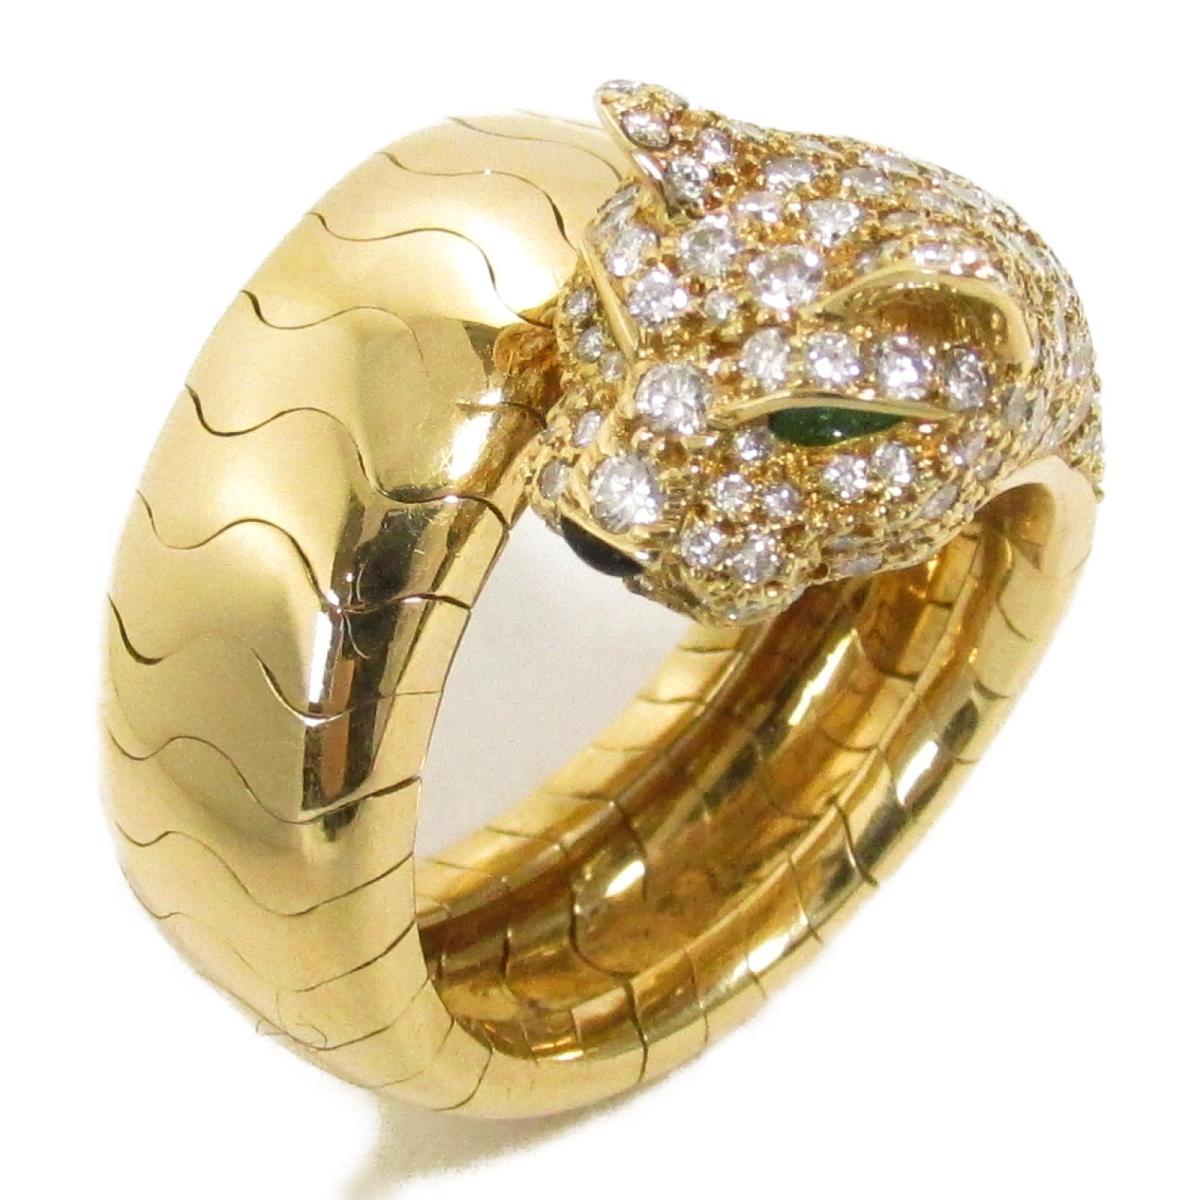 【中古】 カルティエ パンテール ラカルダ リング 指輪 レディース K18YG (750) イエローゴールド ダイヤモンド オニキス エメラルド   Cartier BRANDOFF ブランドオフ ブランド ジュエリー